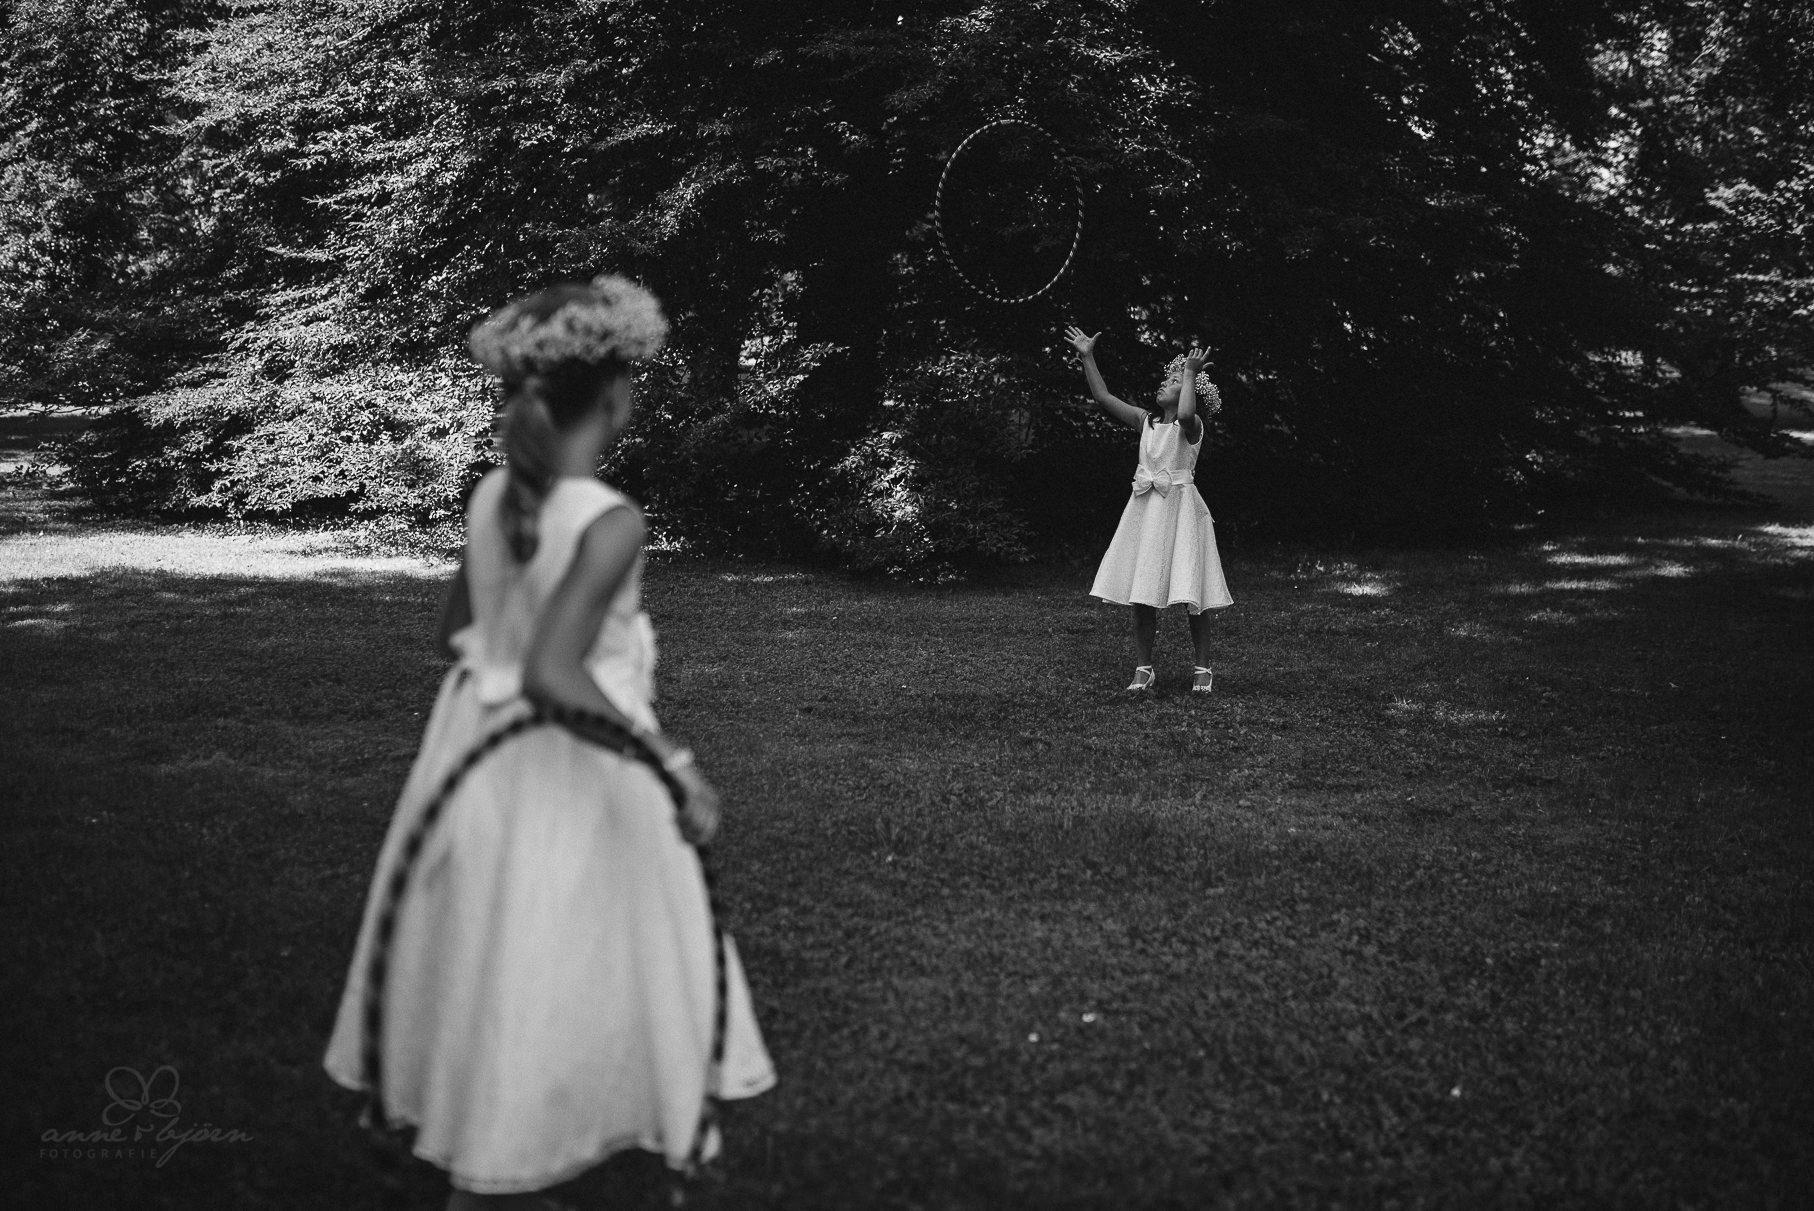 0075 anne und bjoern hochzeit schweiz d75 0550 - DIY Hochzeit in der Schweiz - Sabrina & Christoph